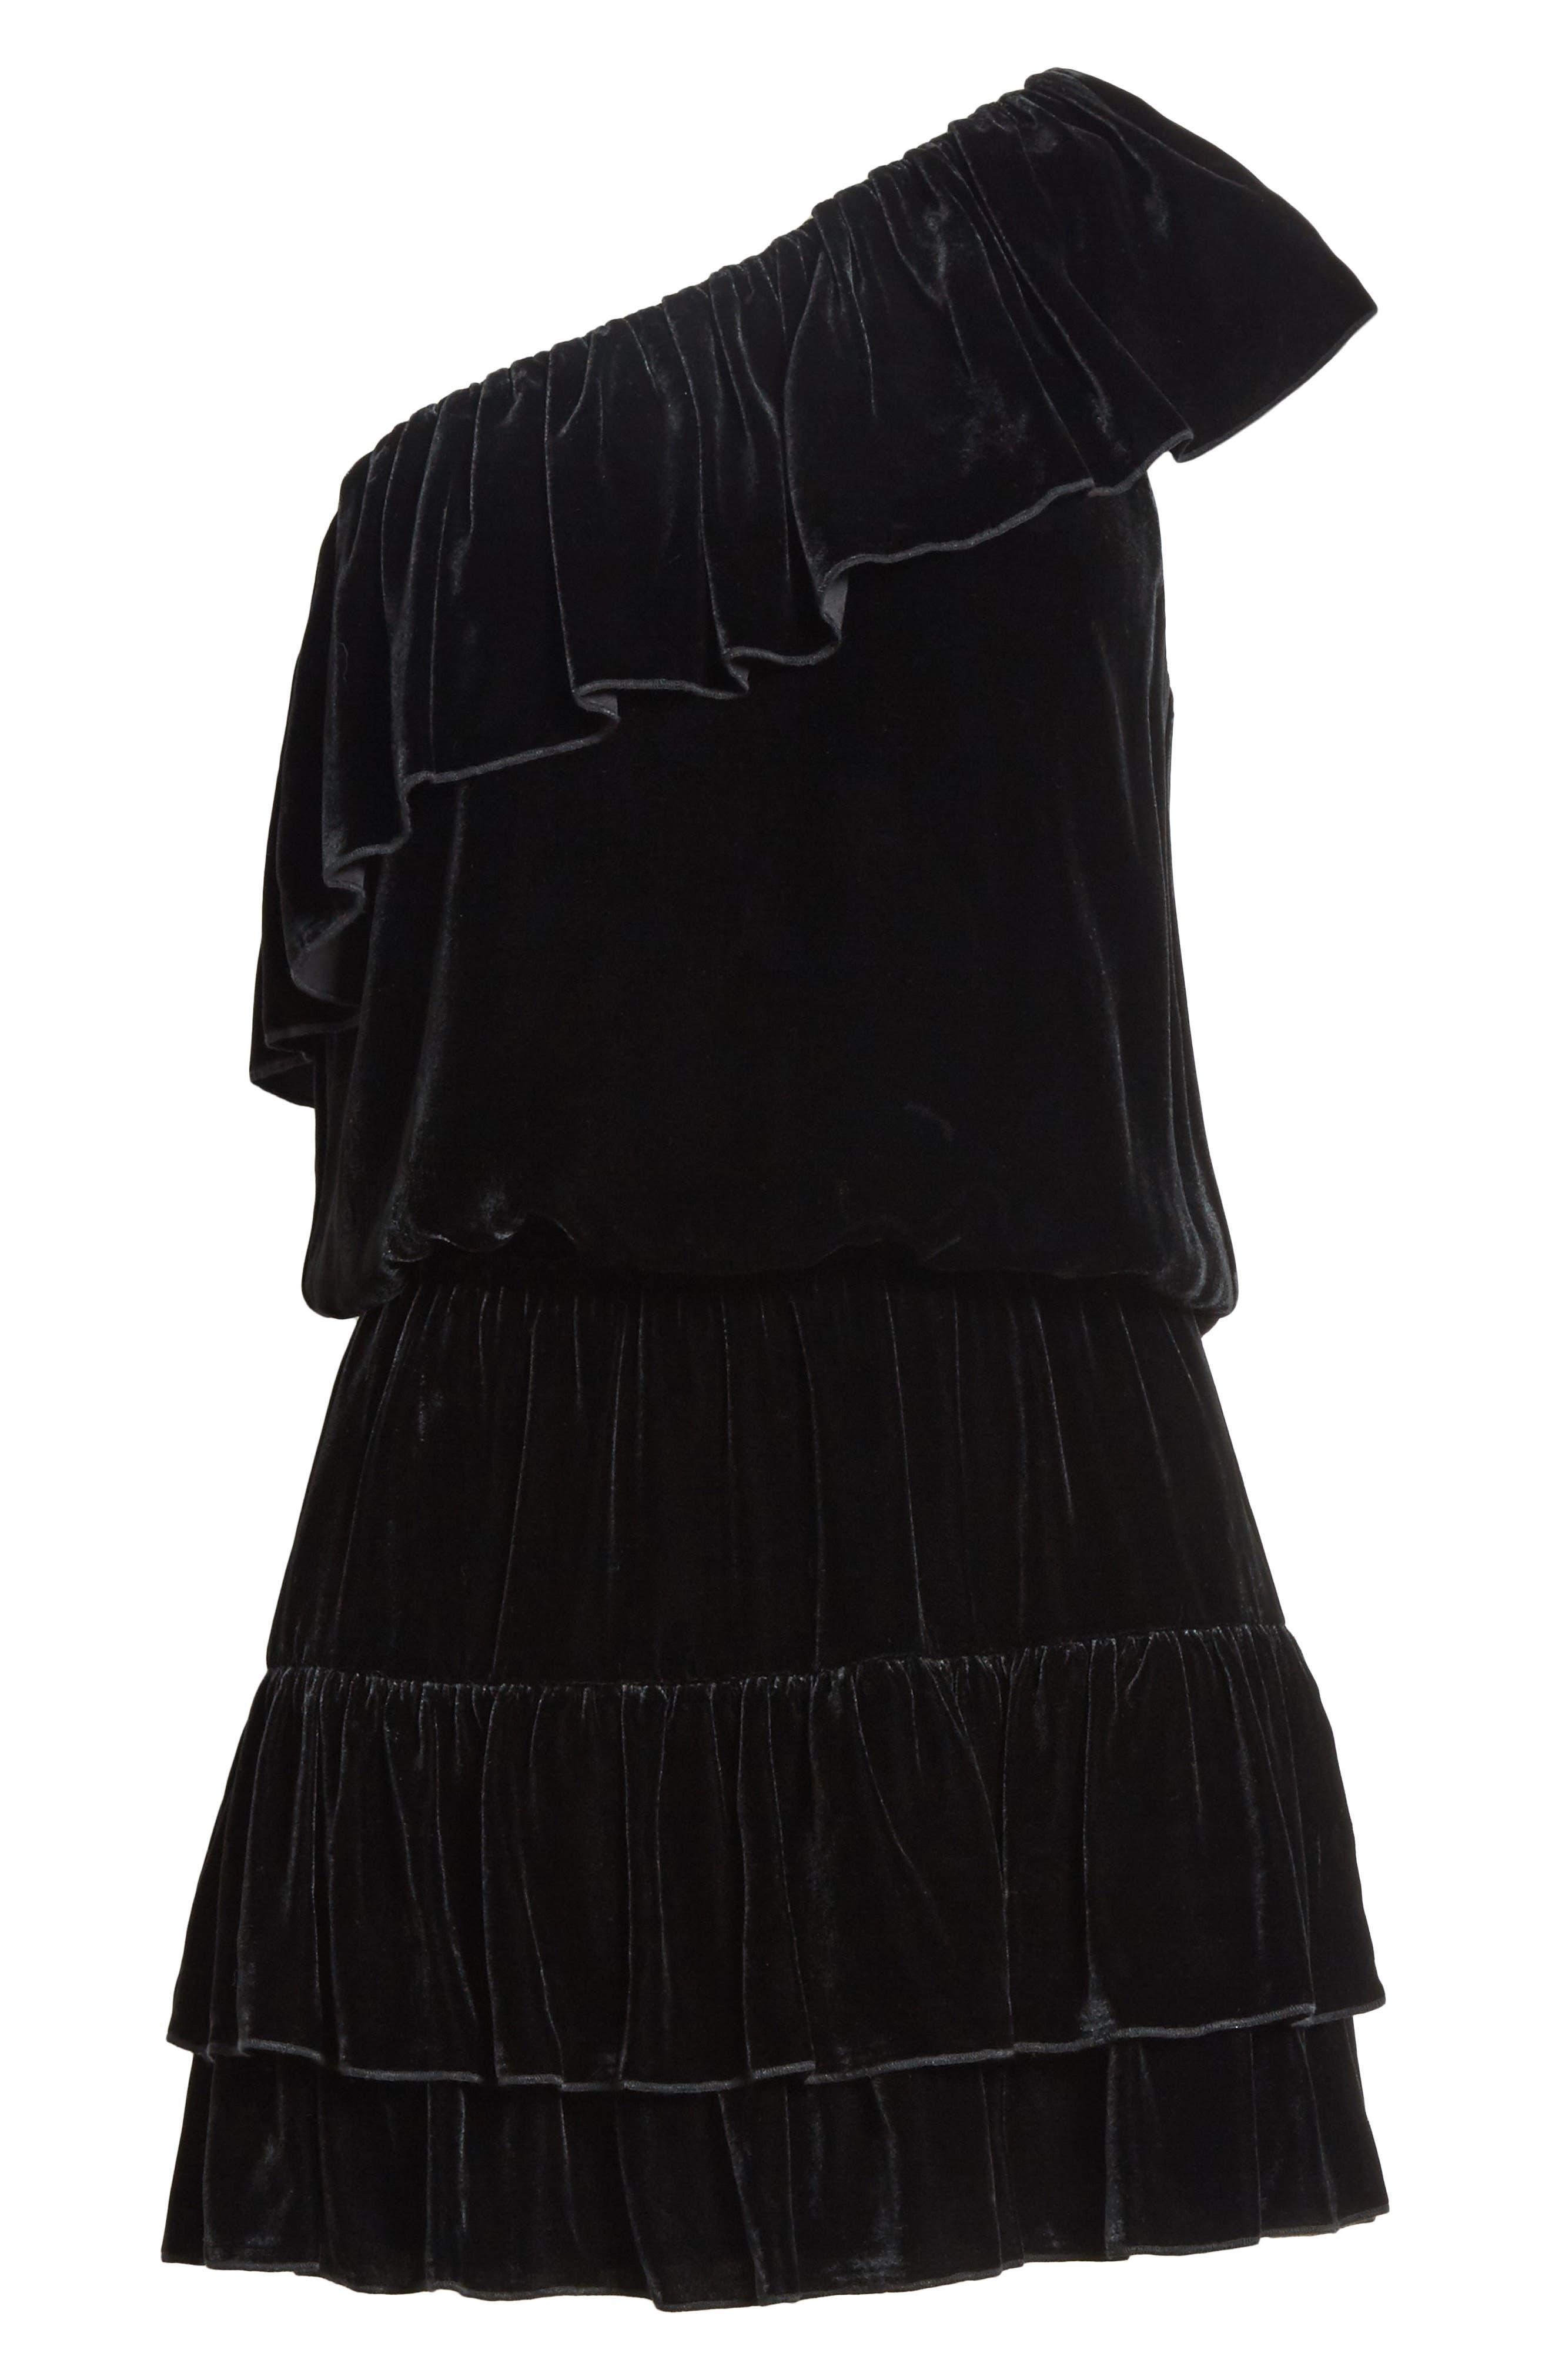 Kolda B One-Shoulder Velvet Dress,                             Alternate thumbnail 6, color,                             002